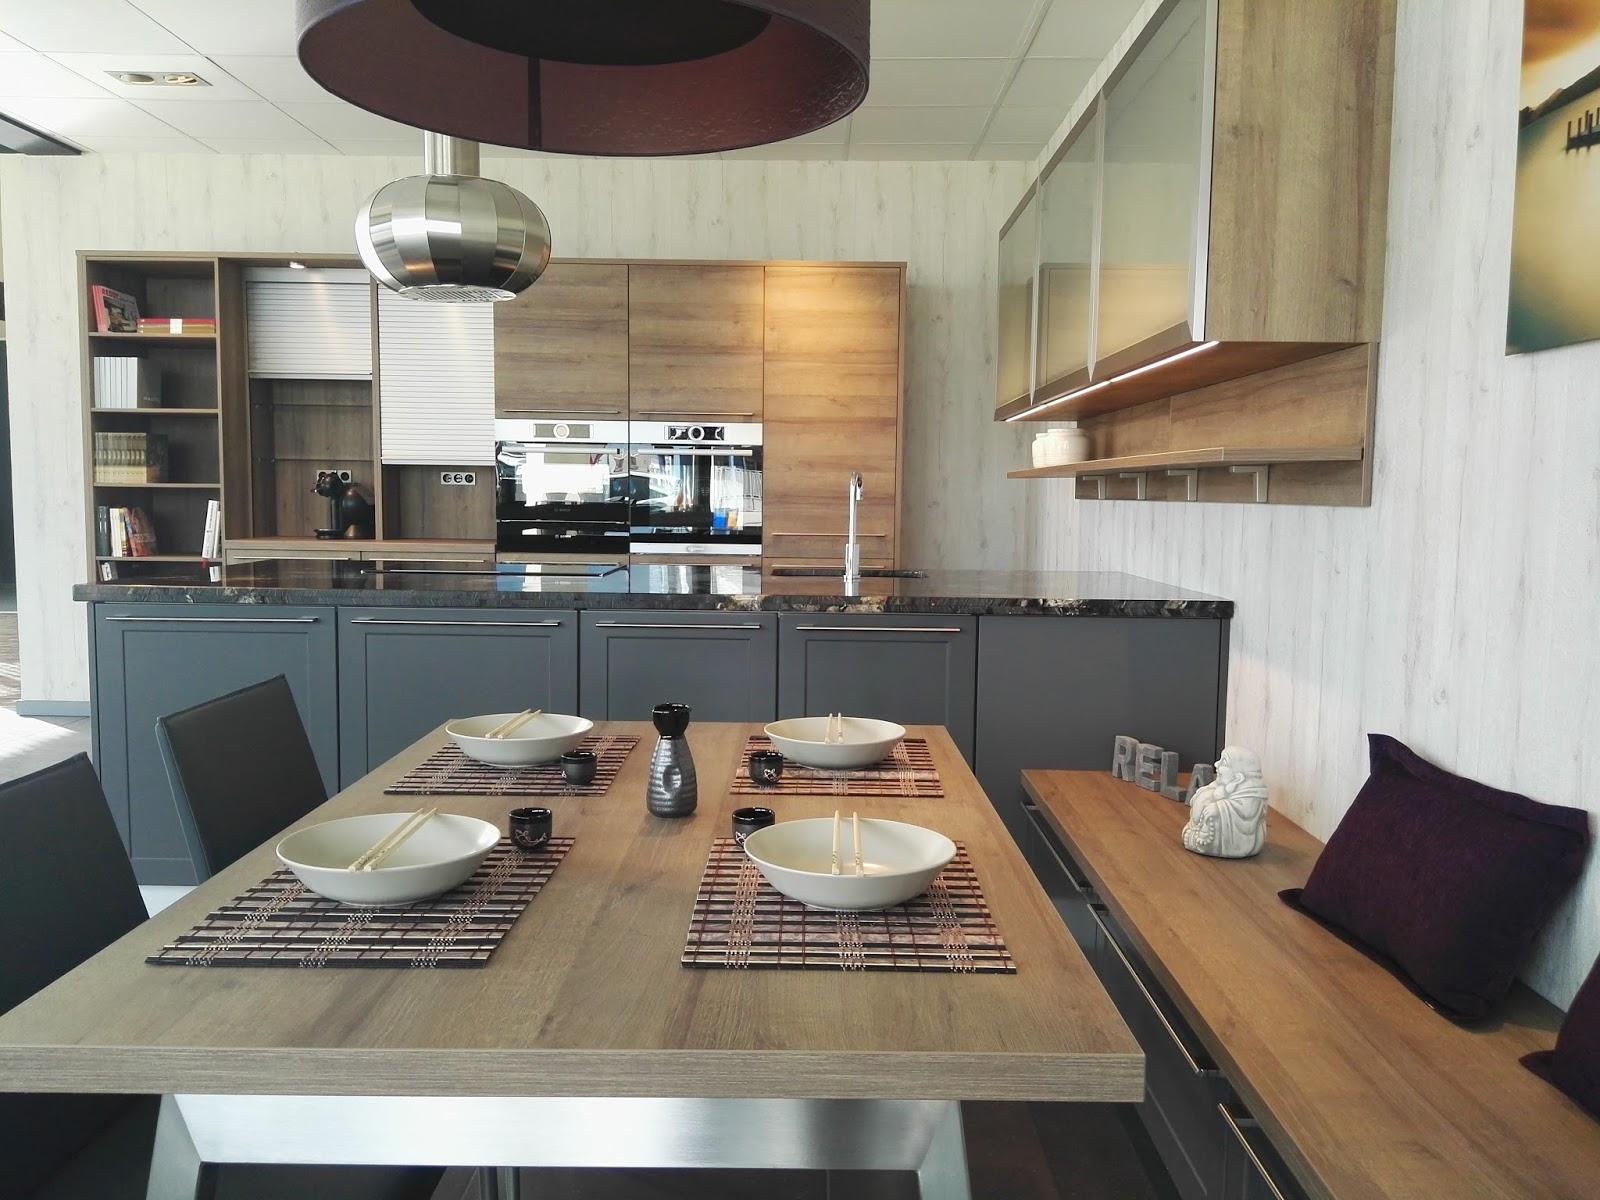 Chef cocinas gandia valencia nuevas exposiciones de for Cocinas nuevas 2016